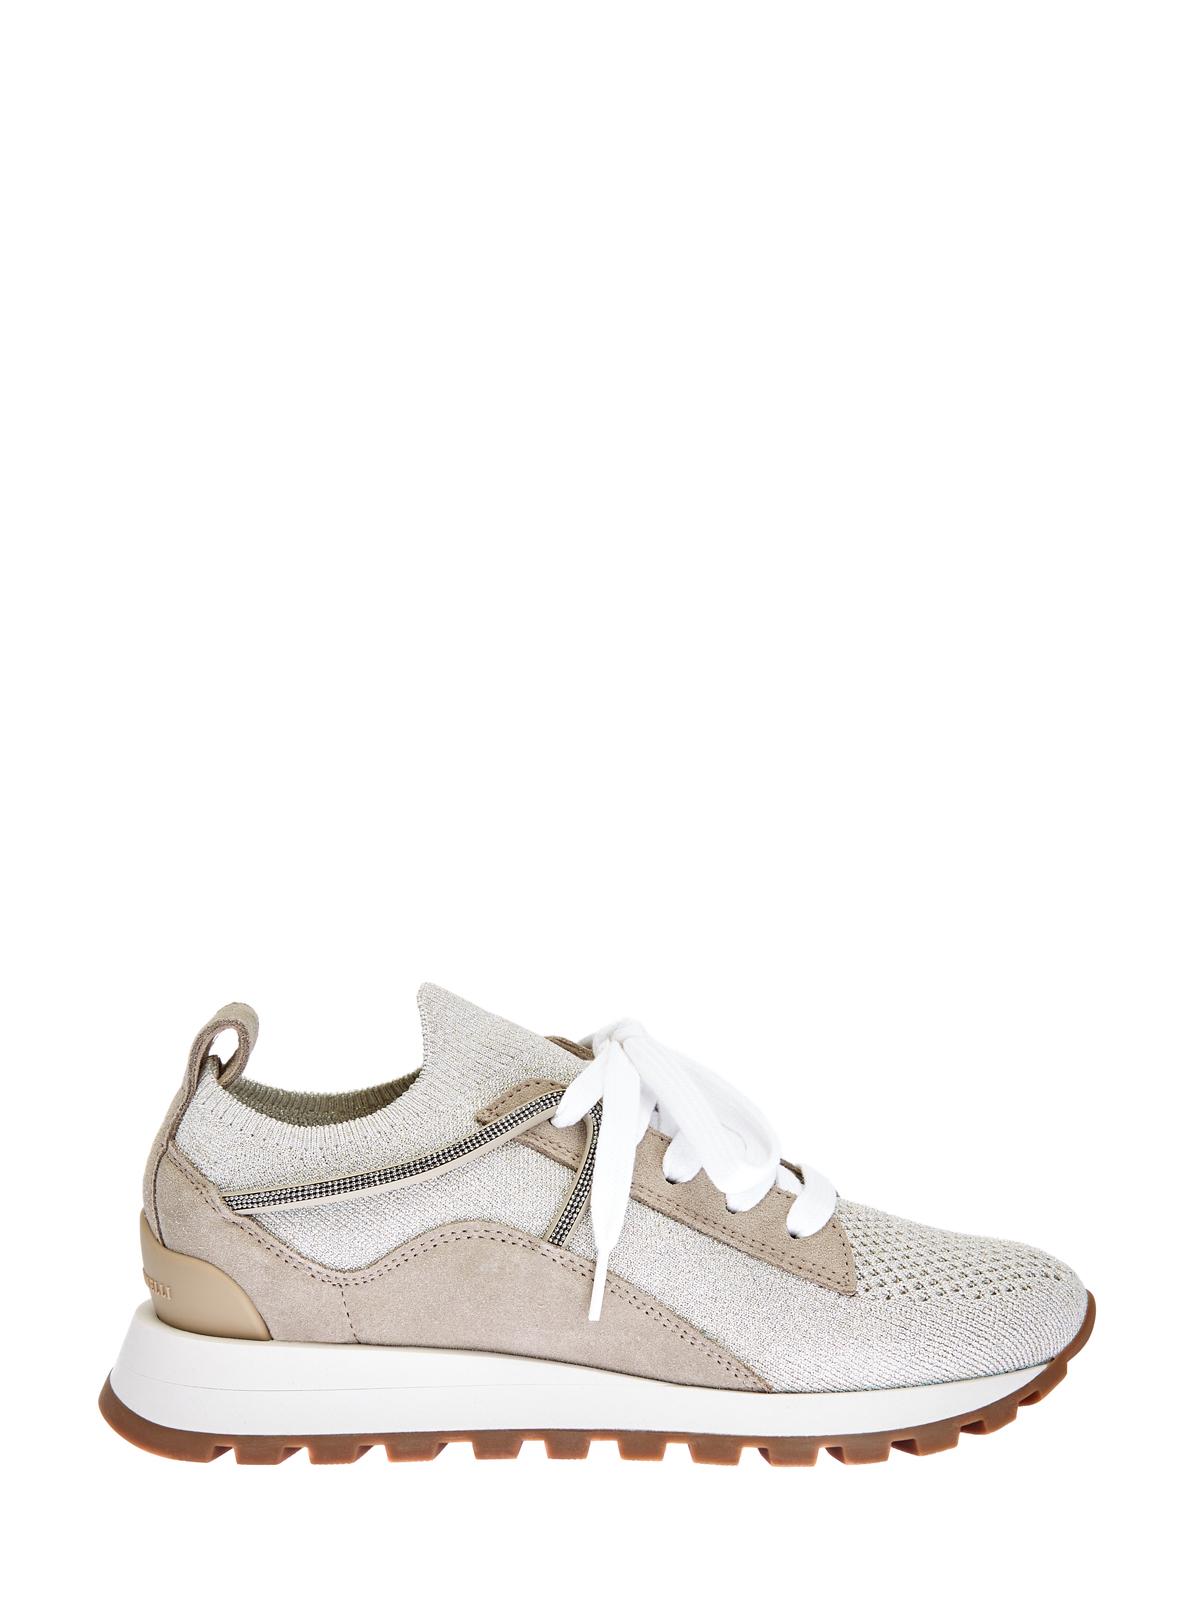 Легкие кроссовки из замши и рипстопа Sparkling с нитью ламе